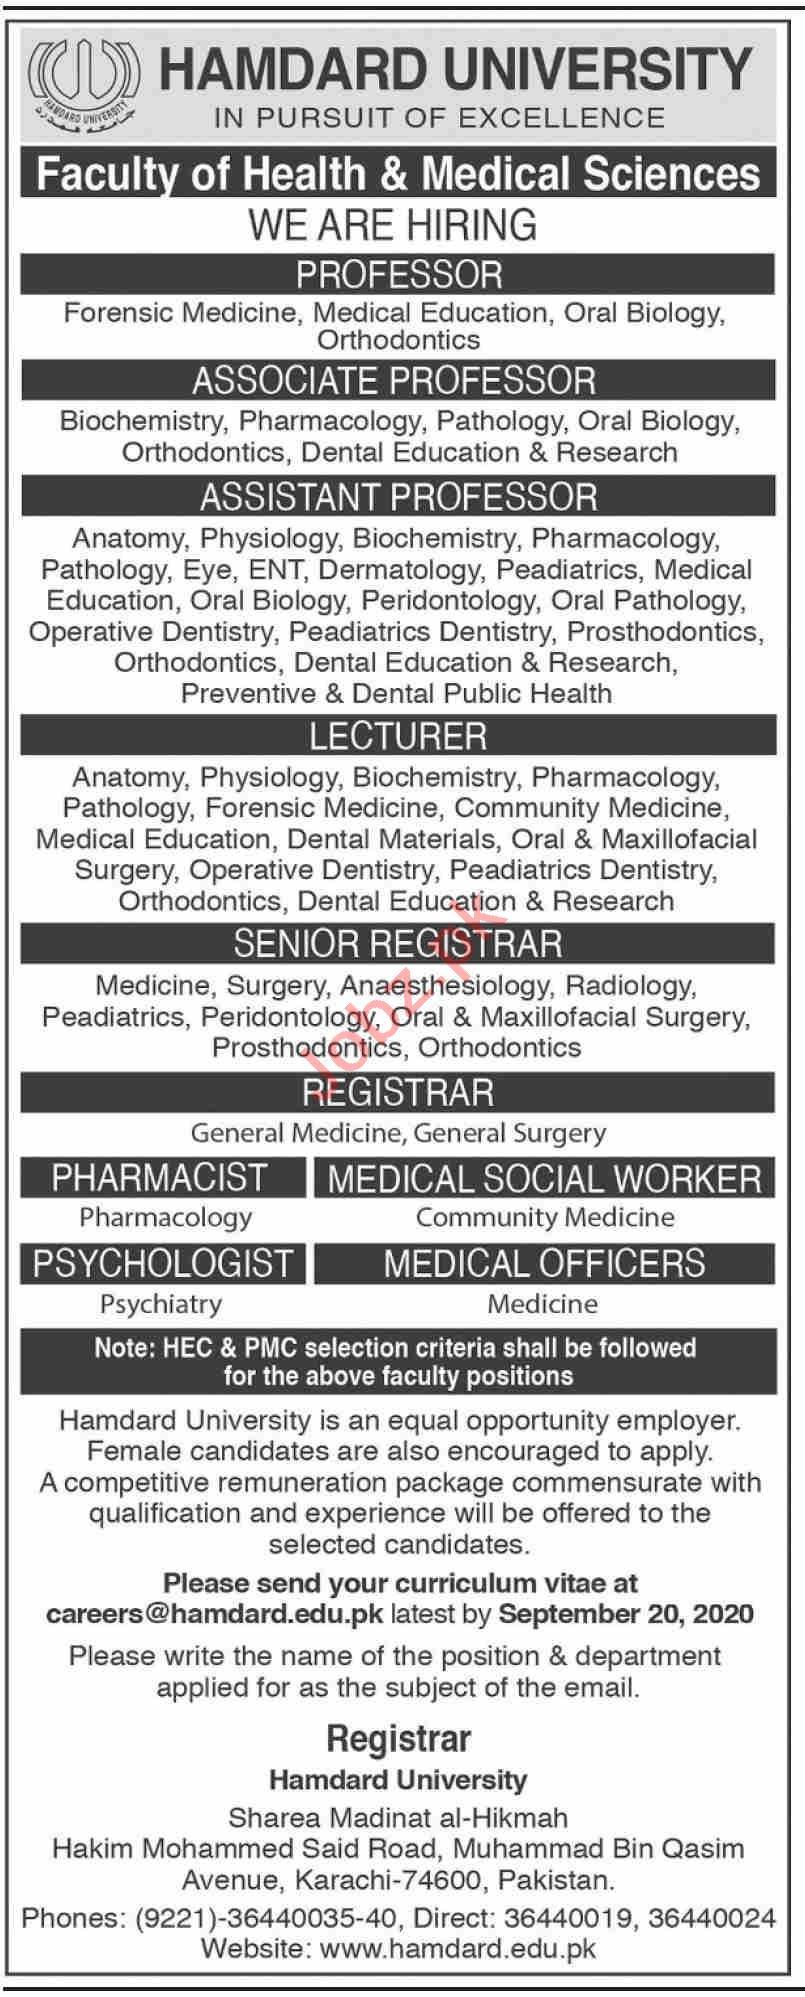 Hamdard University Jobs 2020 for Professor & Registrar